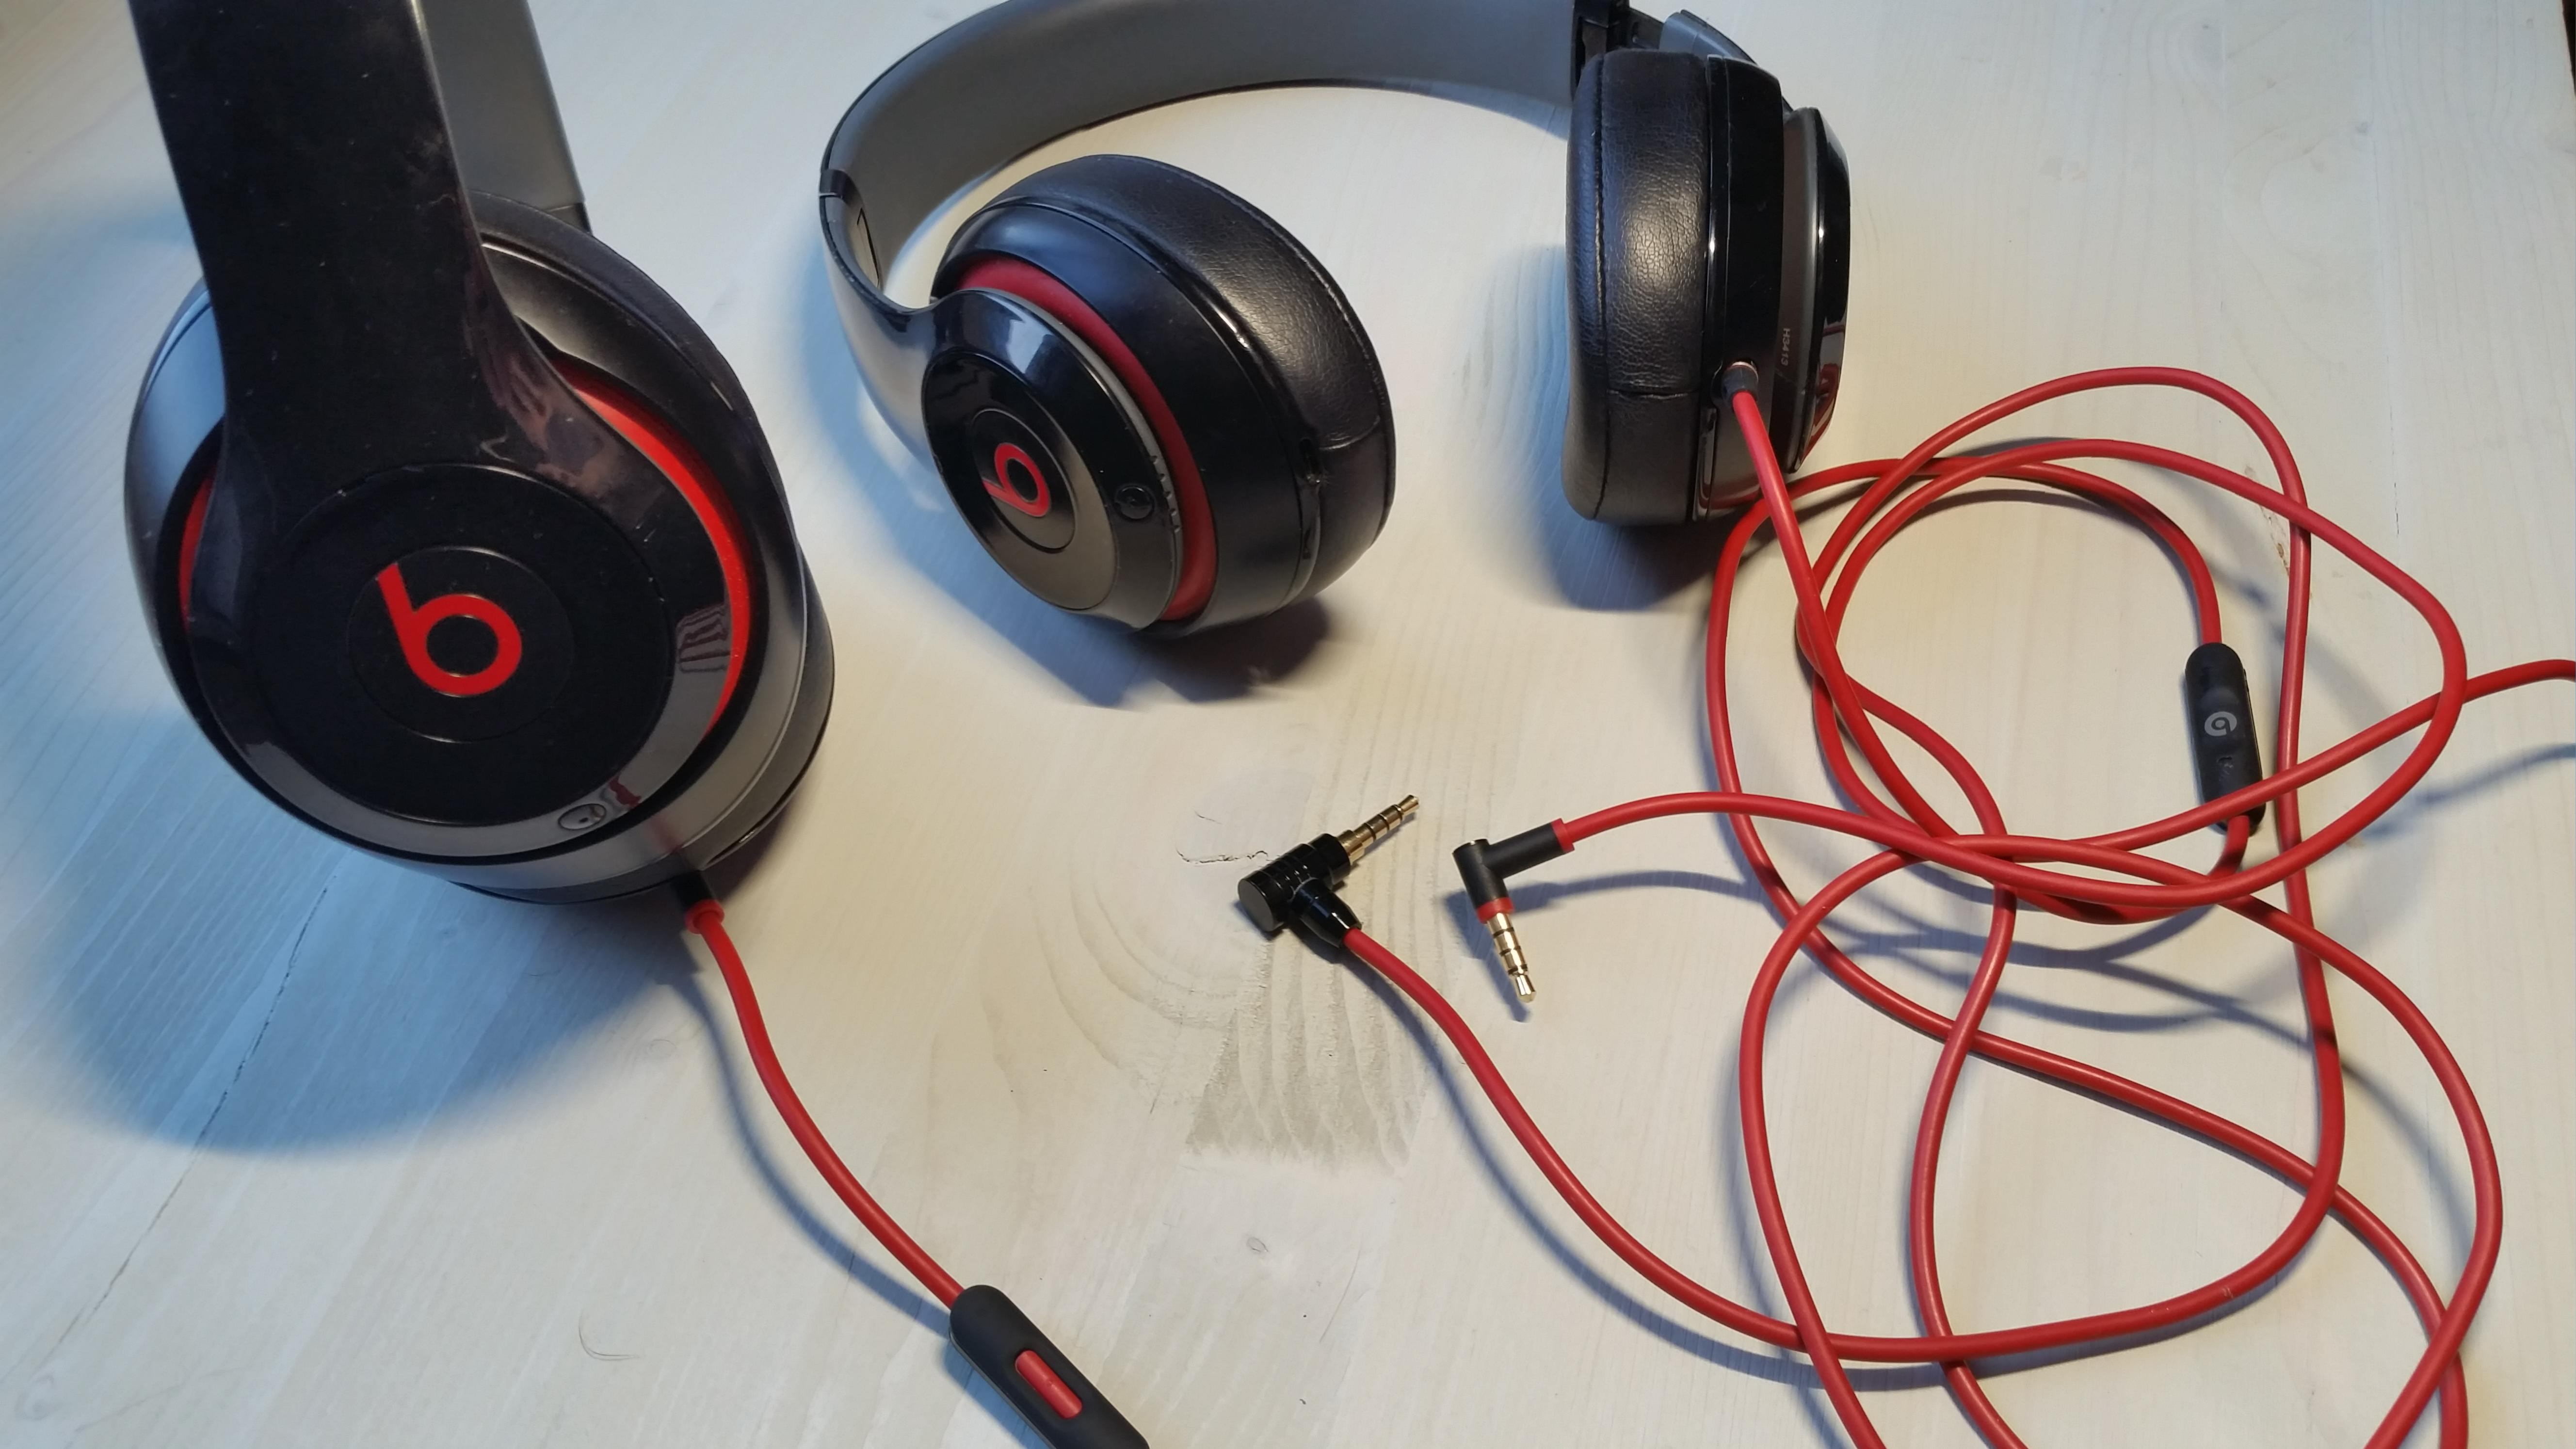 Замена разъема на съемном кабеле